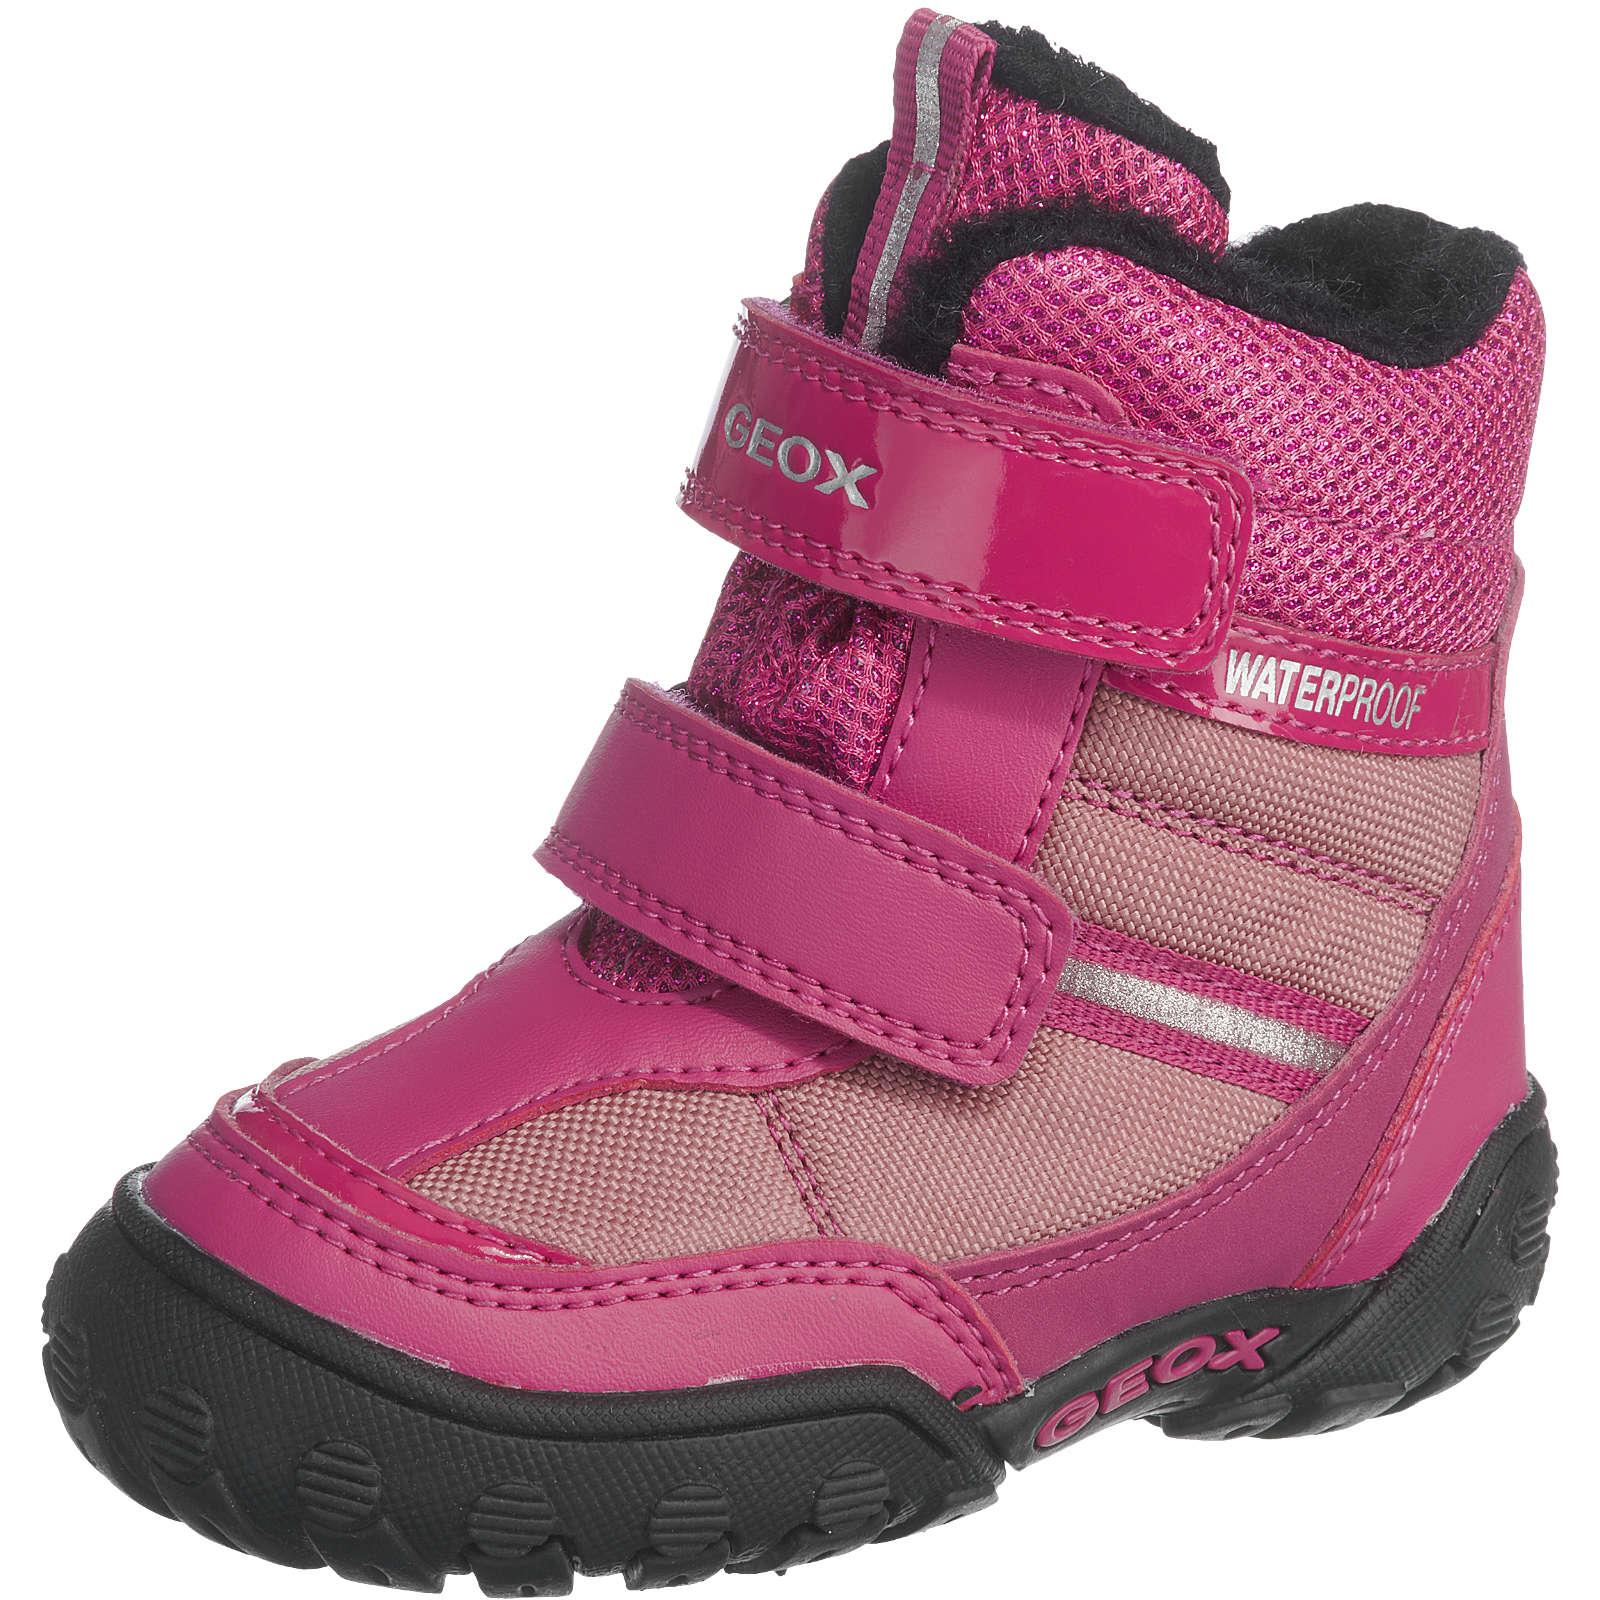 GEOX Winterstiefel für Mädchen, Tex pink Mädchen Gr. 27